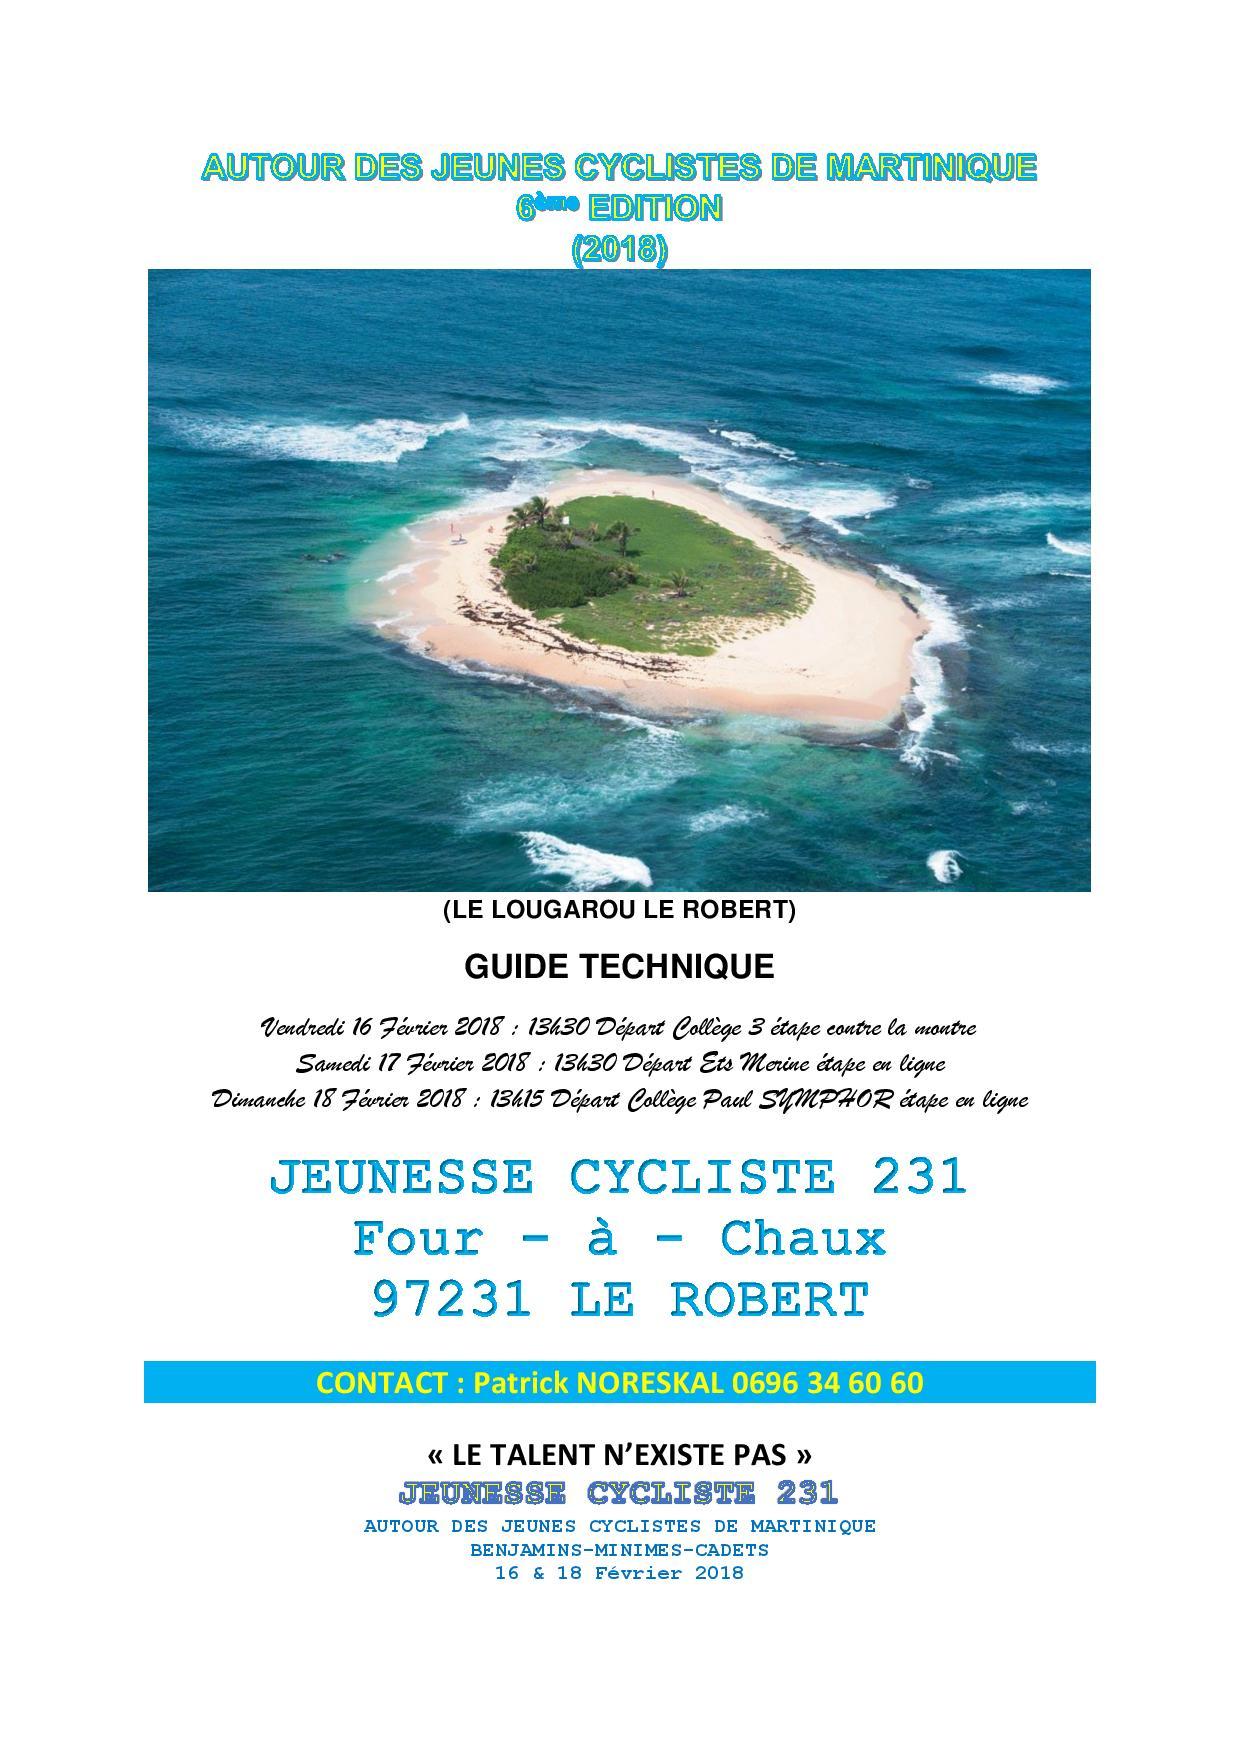 AUTOUR DES JEUNES CYCLISTES DE MARTINIQUE-page-001